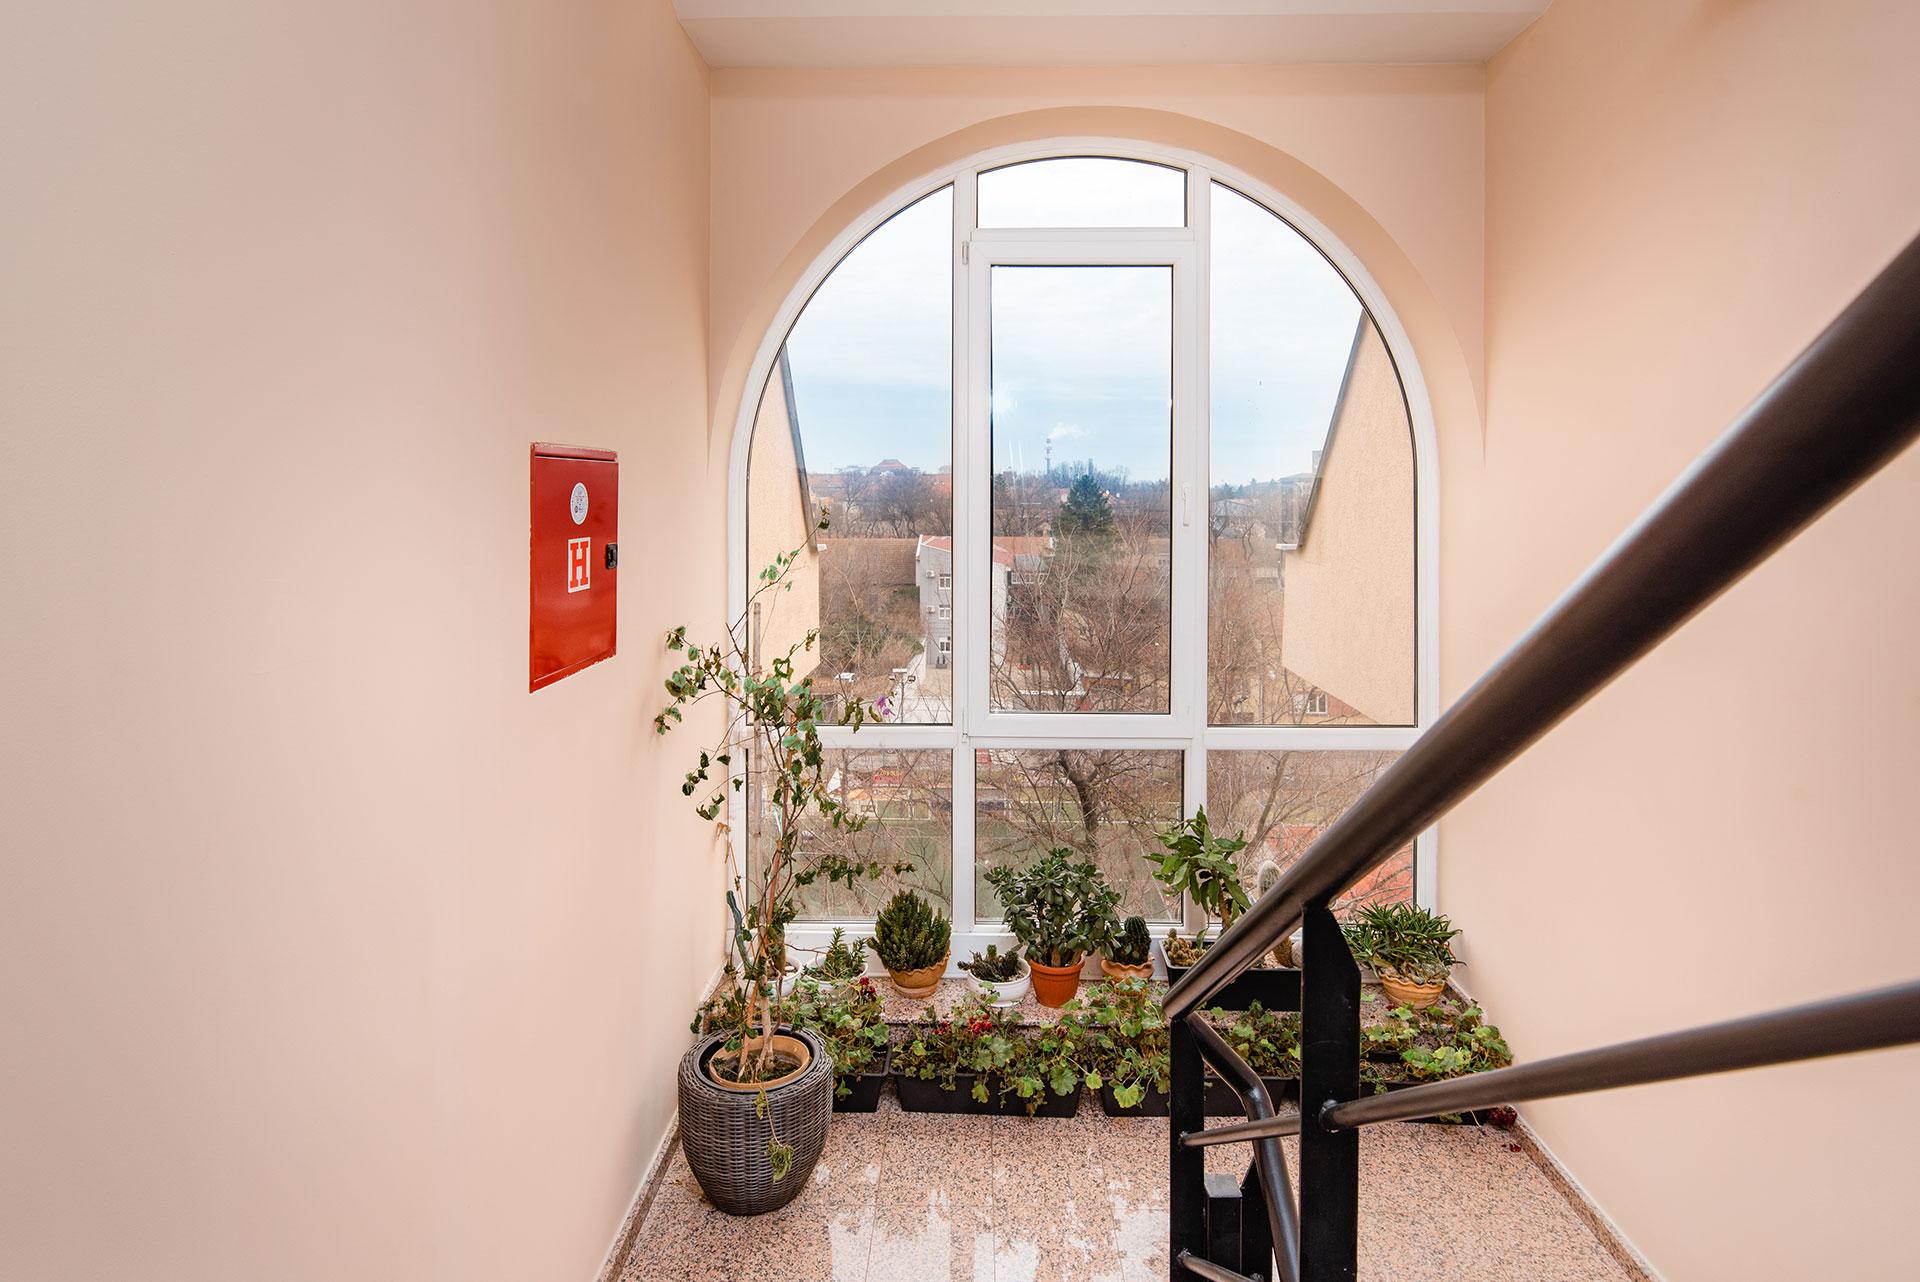 Prirodno osvetljen hodnik u zgradi